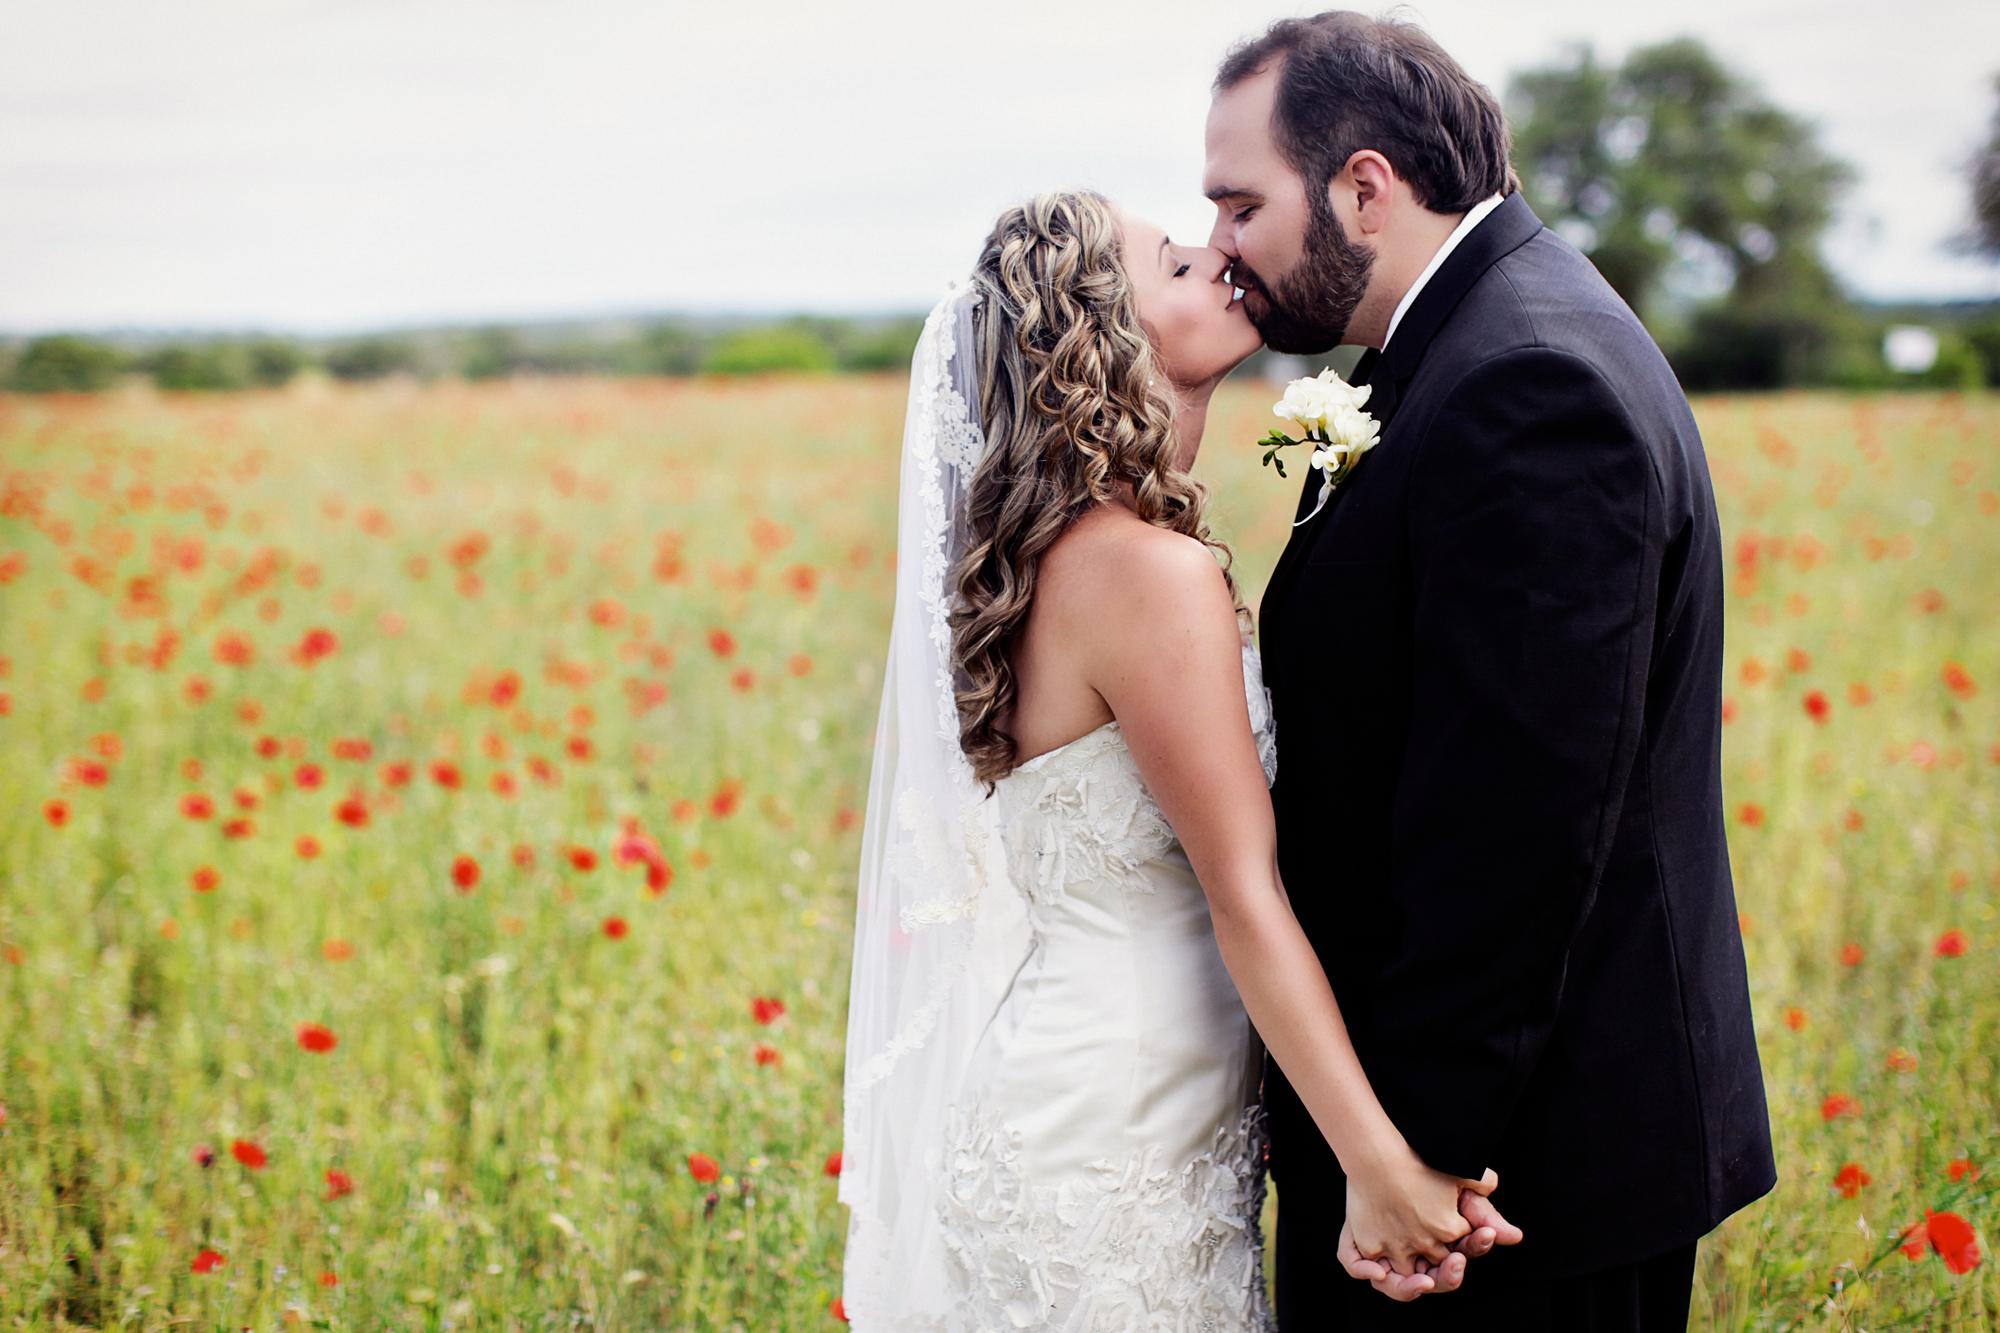 Keri & Brian wedding kiss